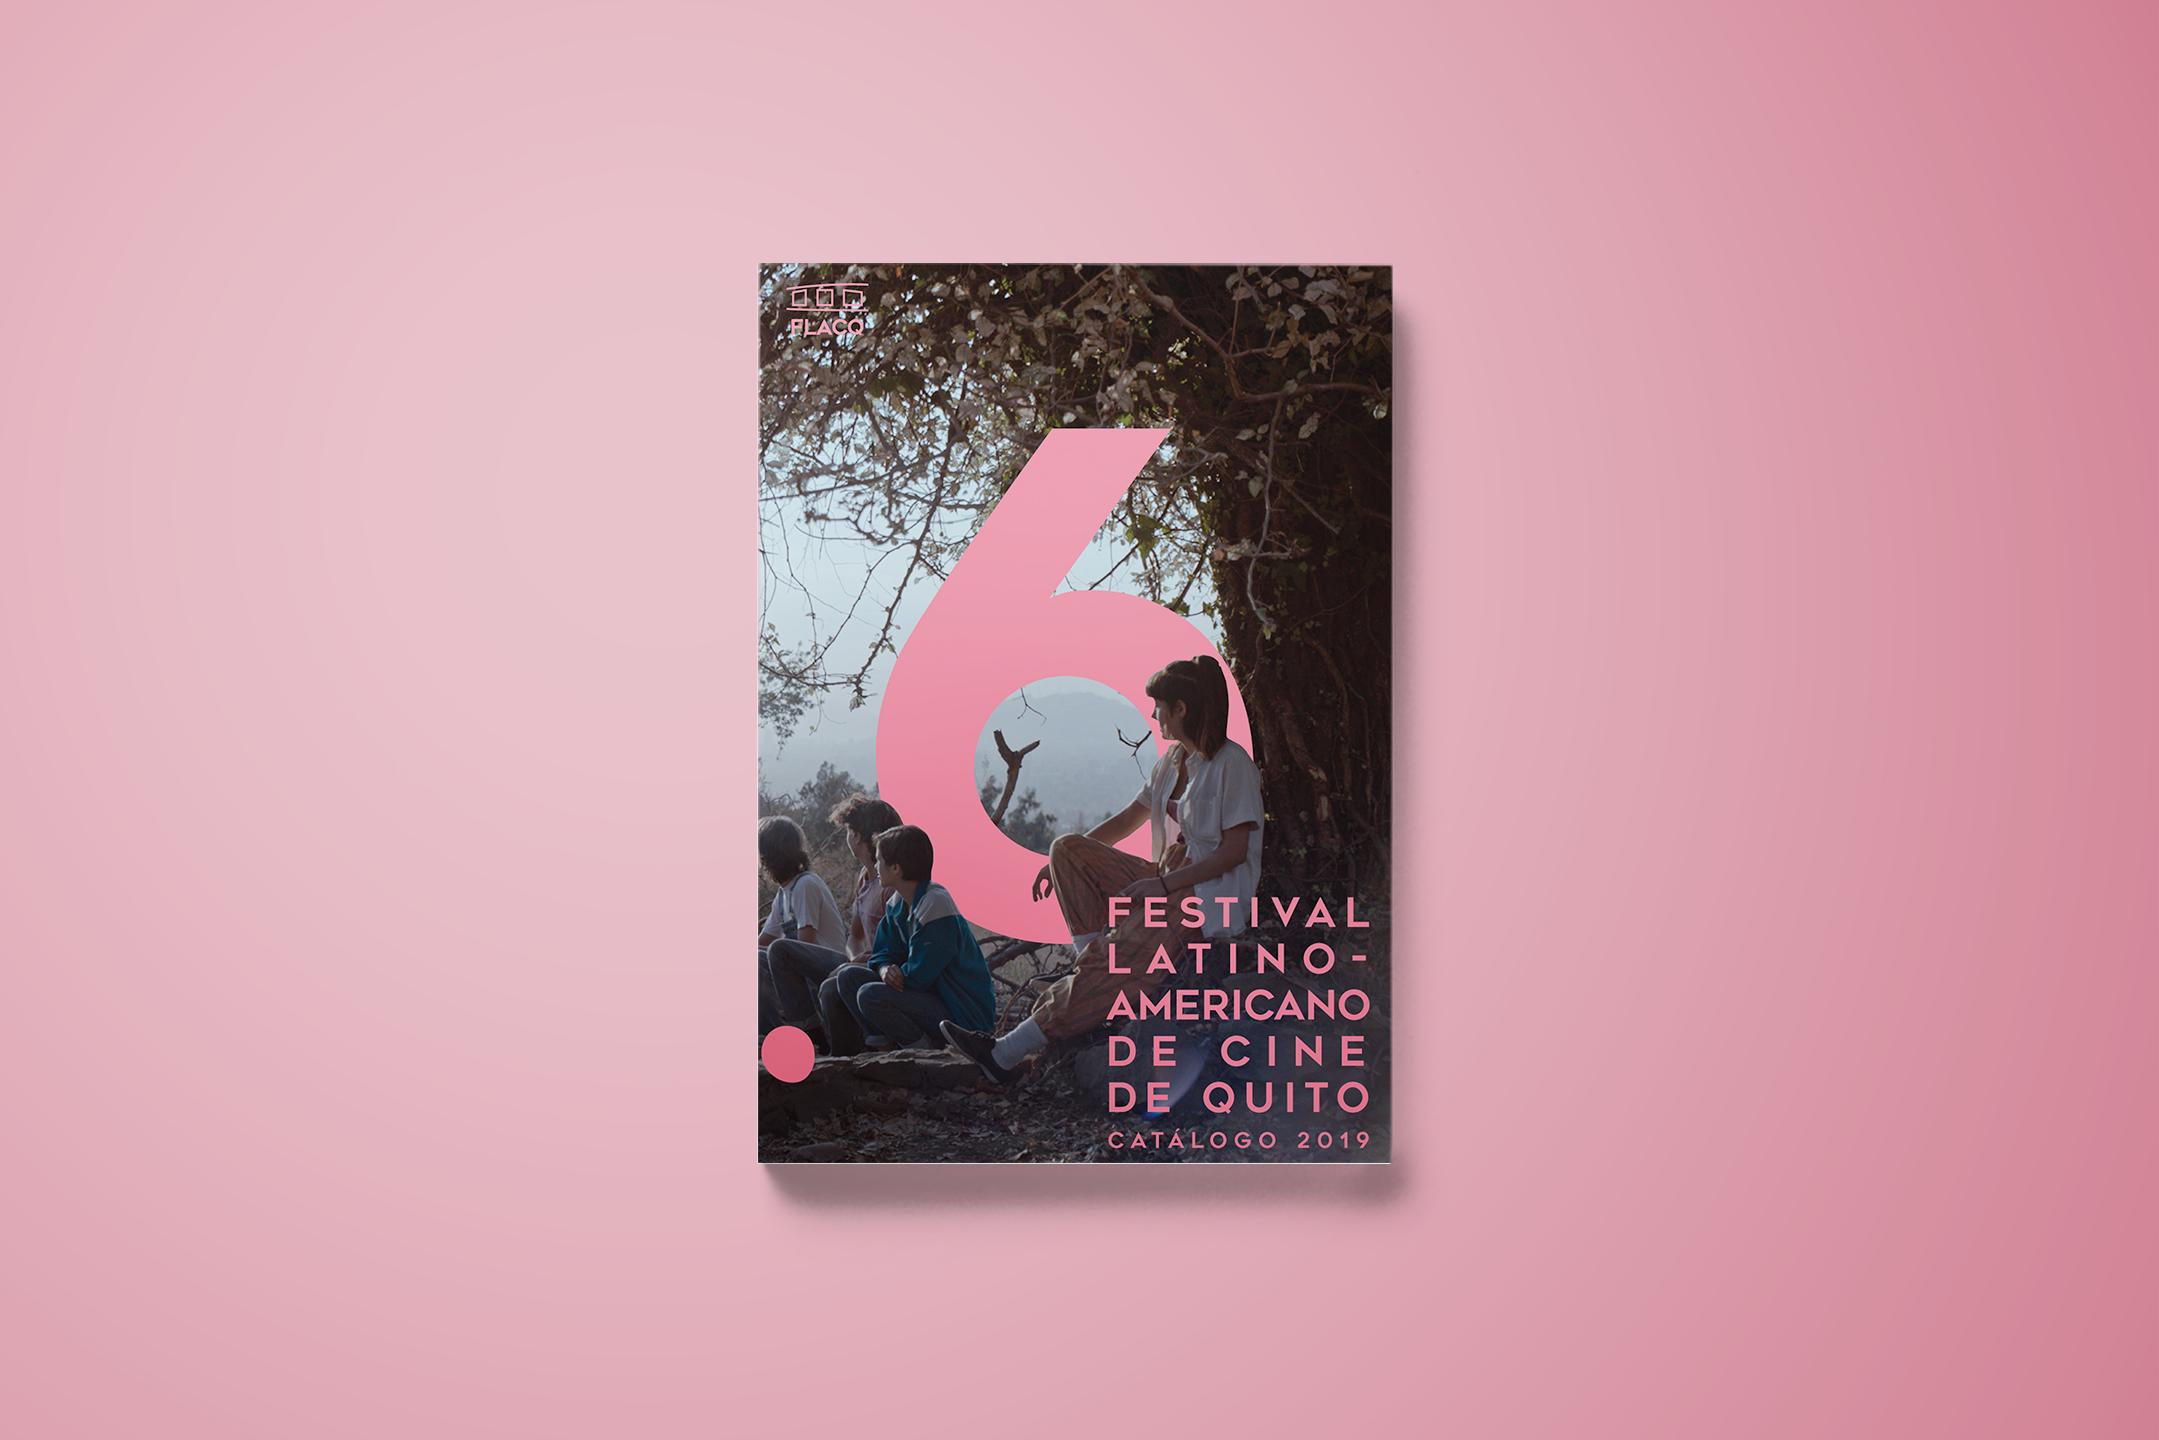 SEXTA EDICIÓN - Revisa el contenido del catálogo de la edición 2019.